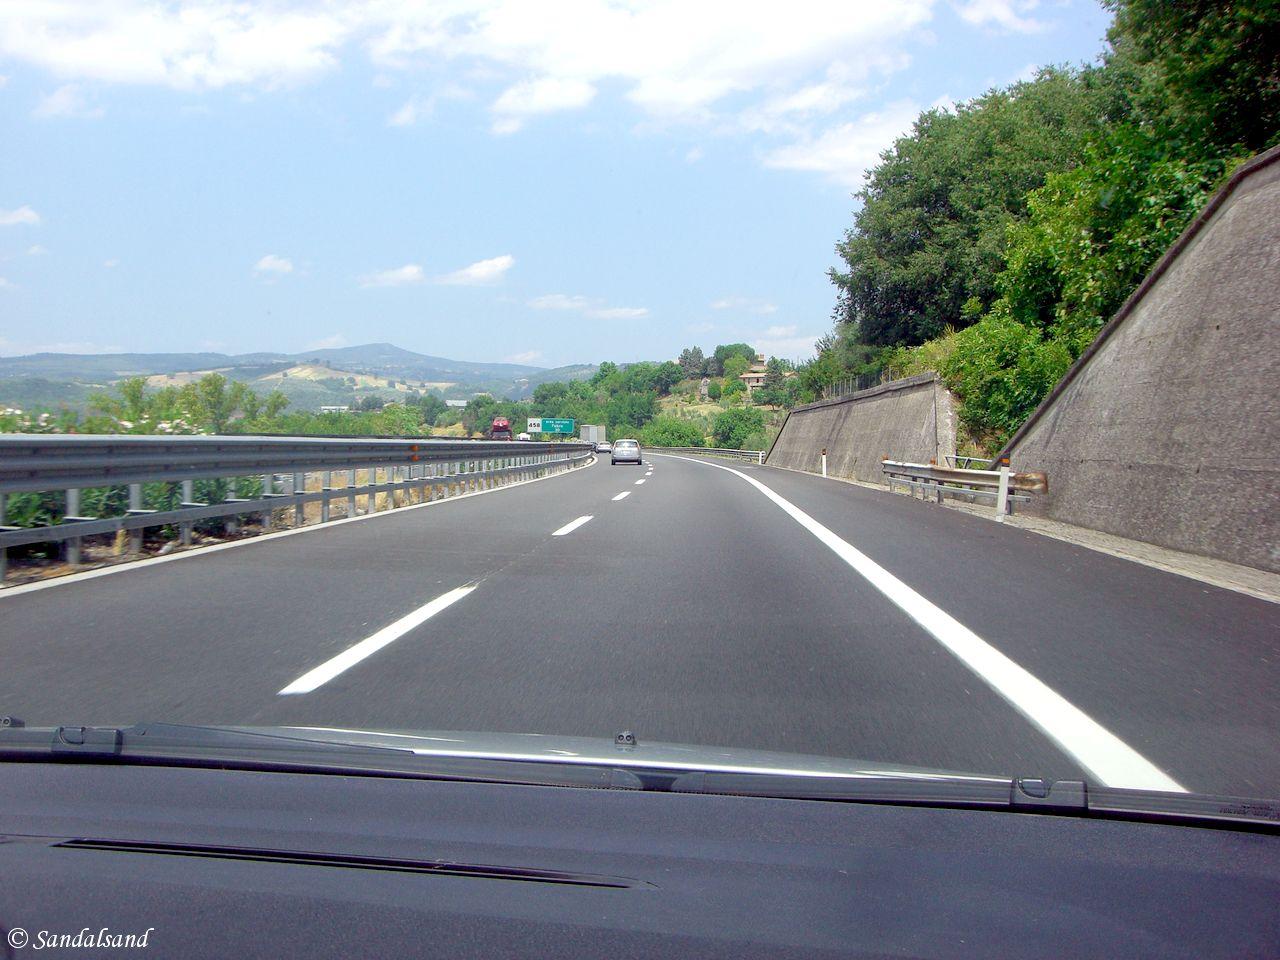 Italy - Toscana